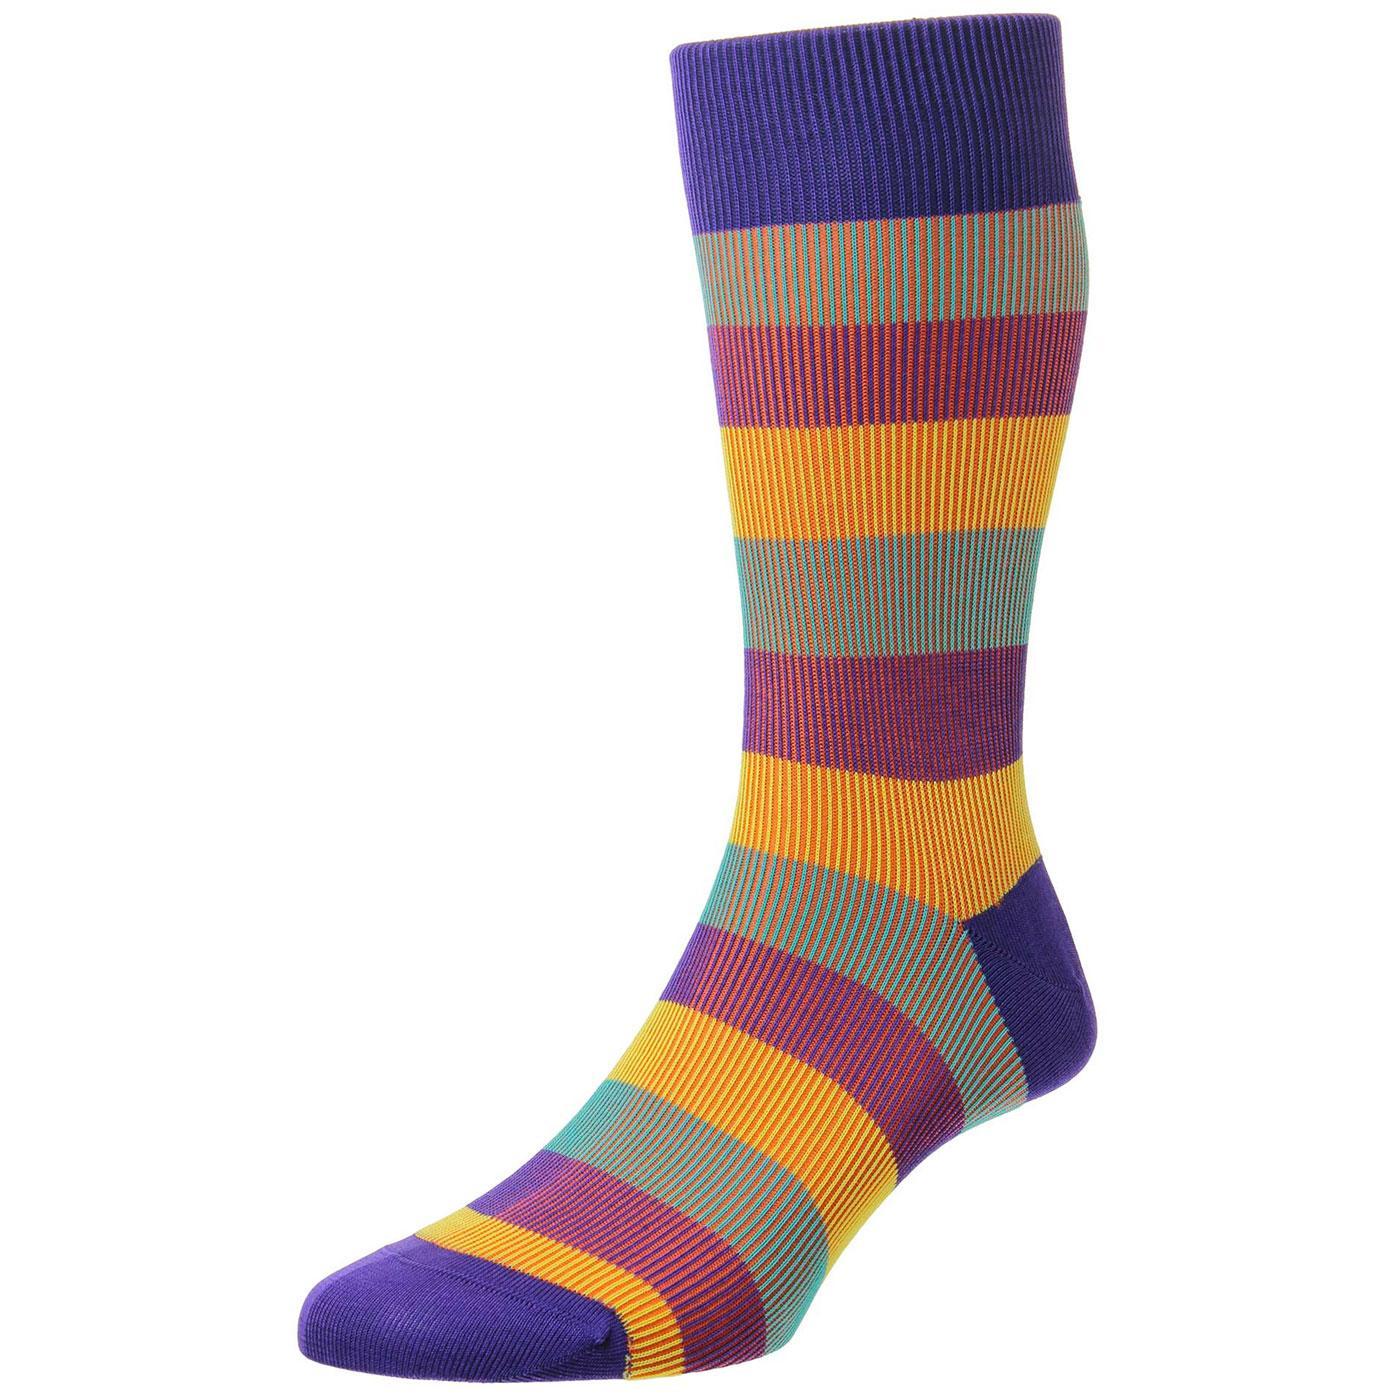 + Stirling PANTHERELLA Men's Tonic Effect Socks P